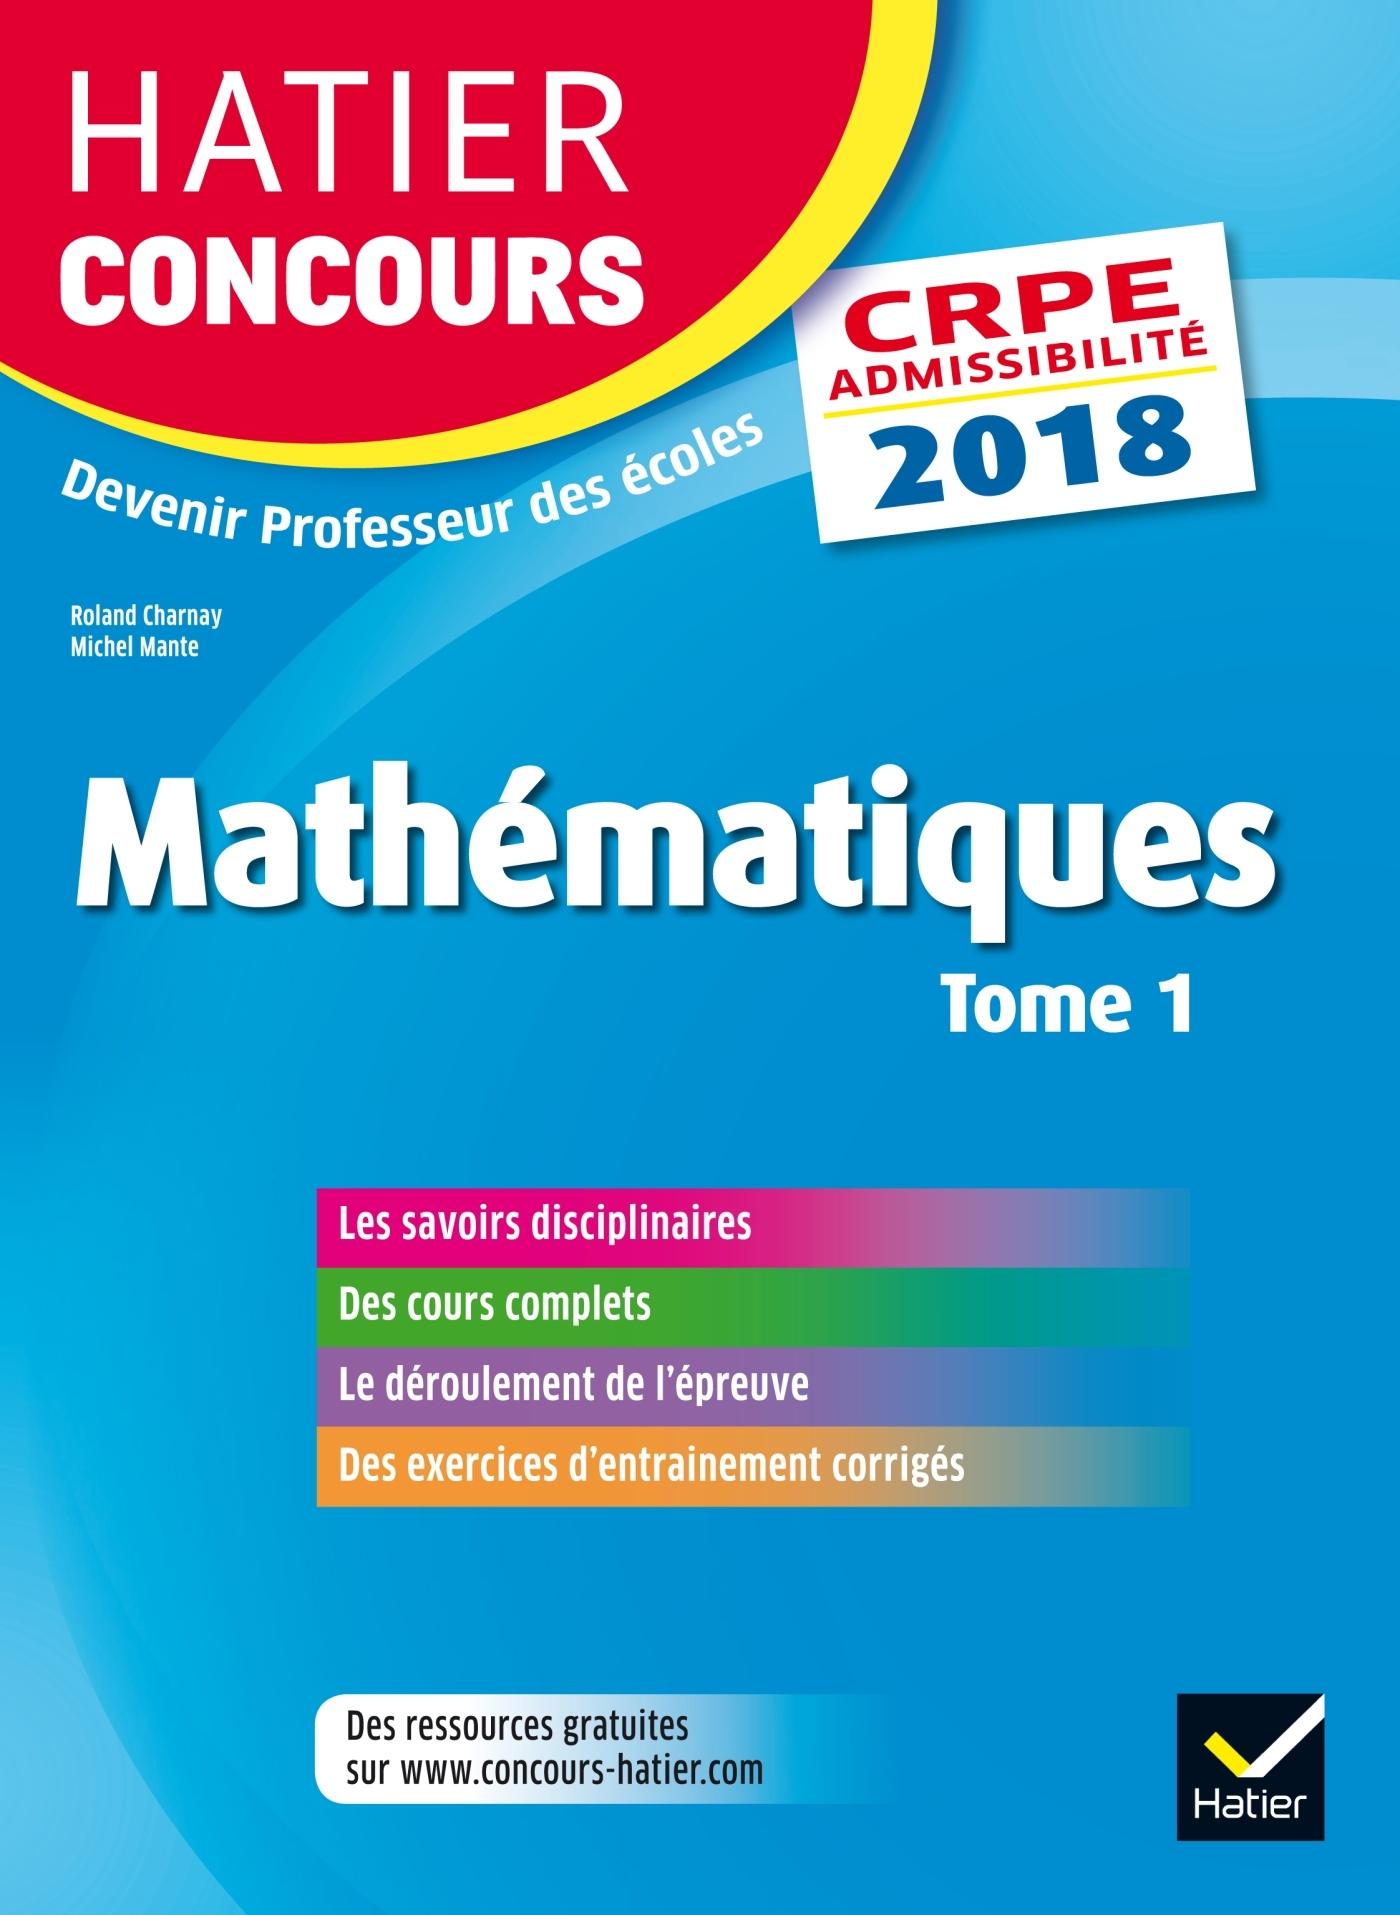 HATIER CONCOURS CRPE 2018 - MATHEMATIQUES TOME 1 - EPREUVE ECRITE D'ADMISSIBILITE